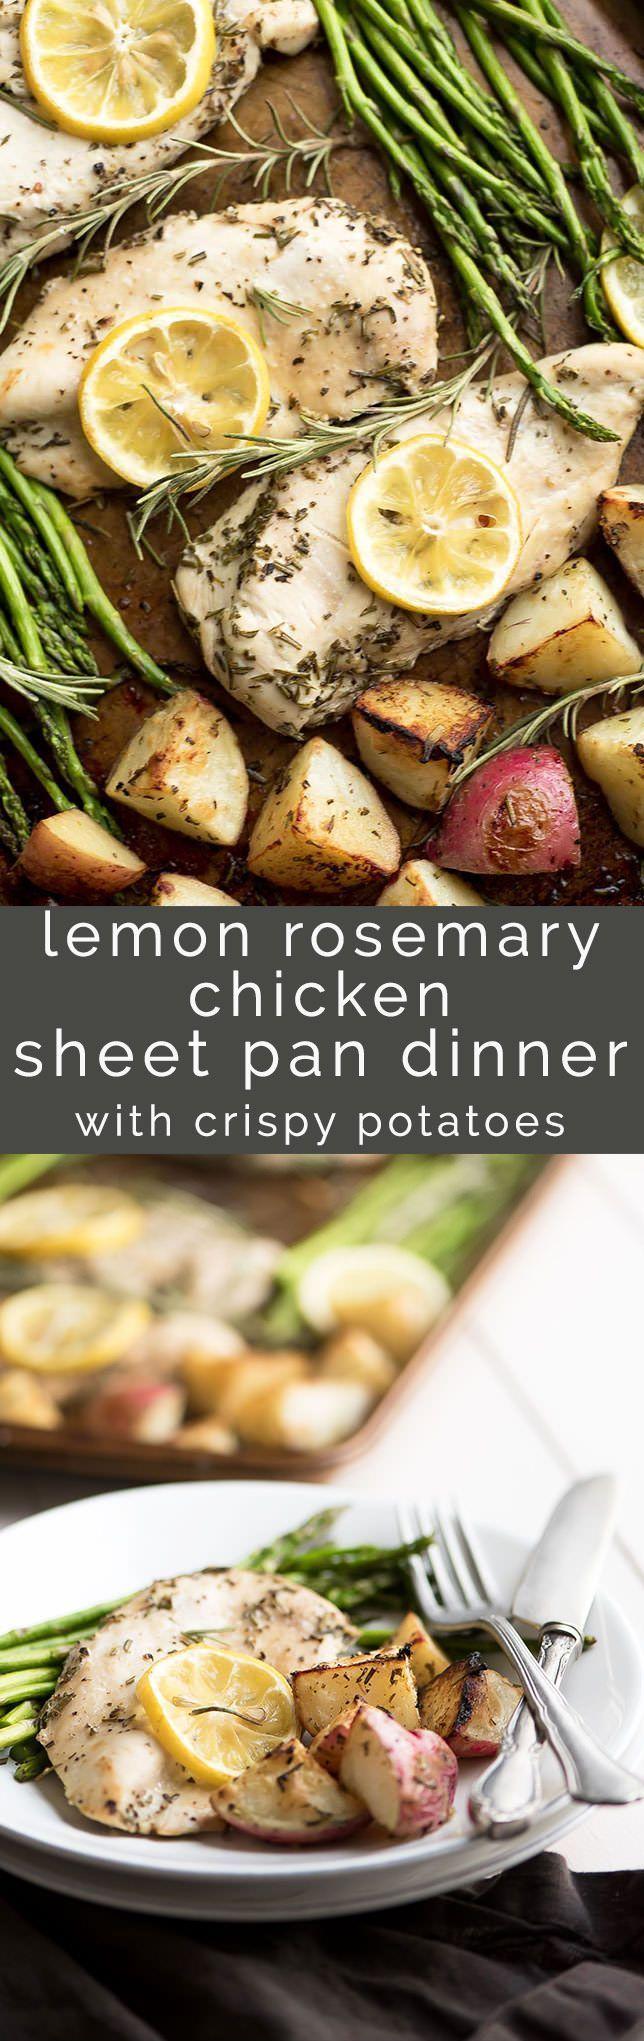 LEMON ROSEMARY CHICKEN SHEET PAN DINNER WITH CRISPY POTATOES